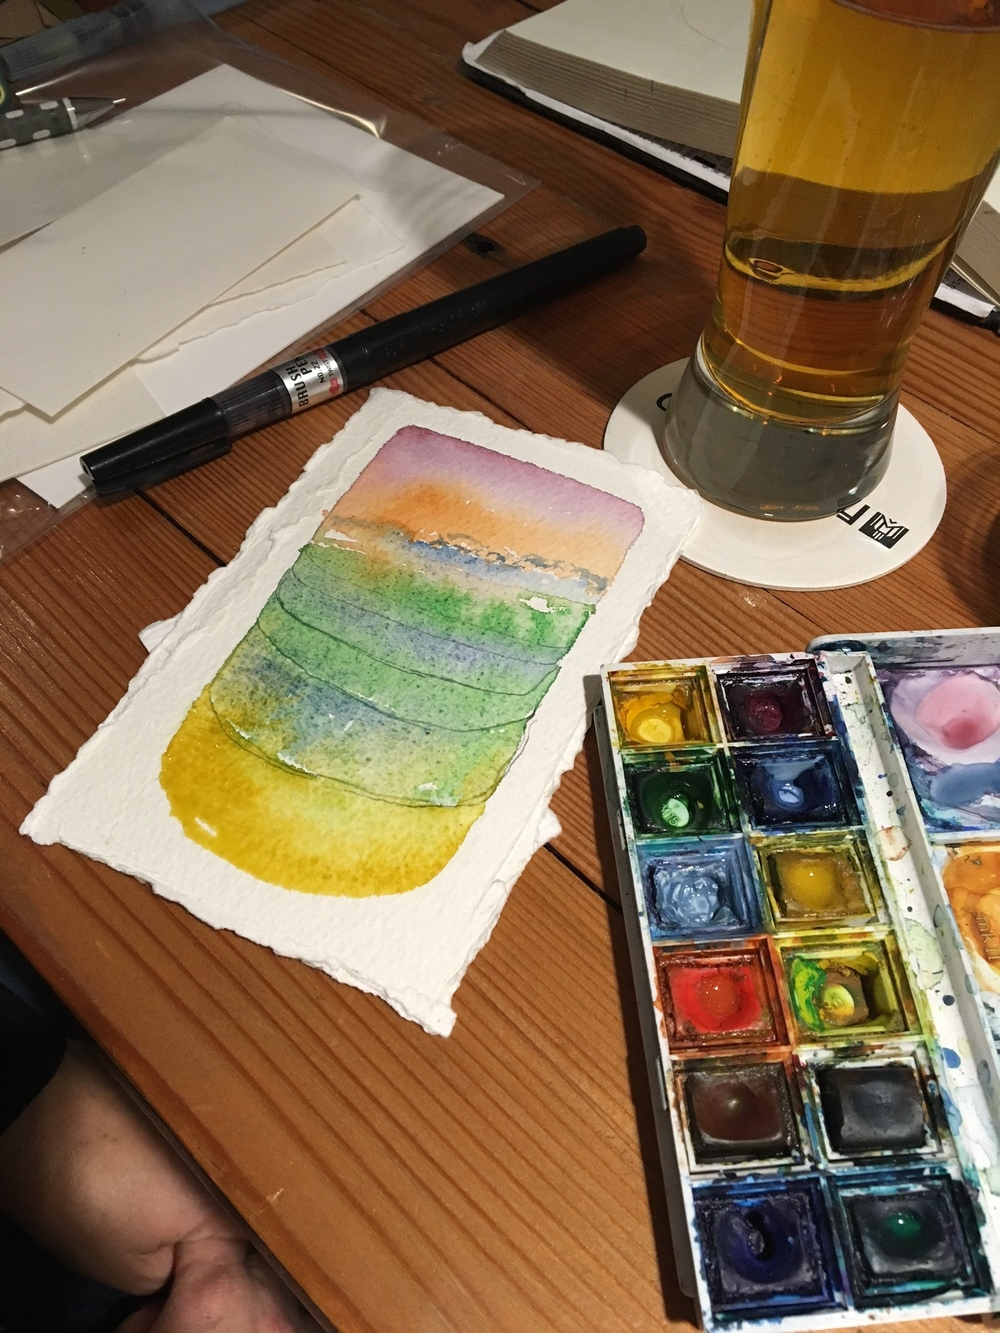 Elissa working her watercolor magic